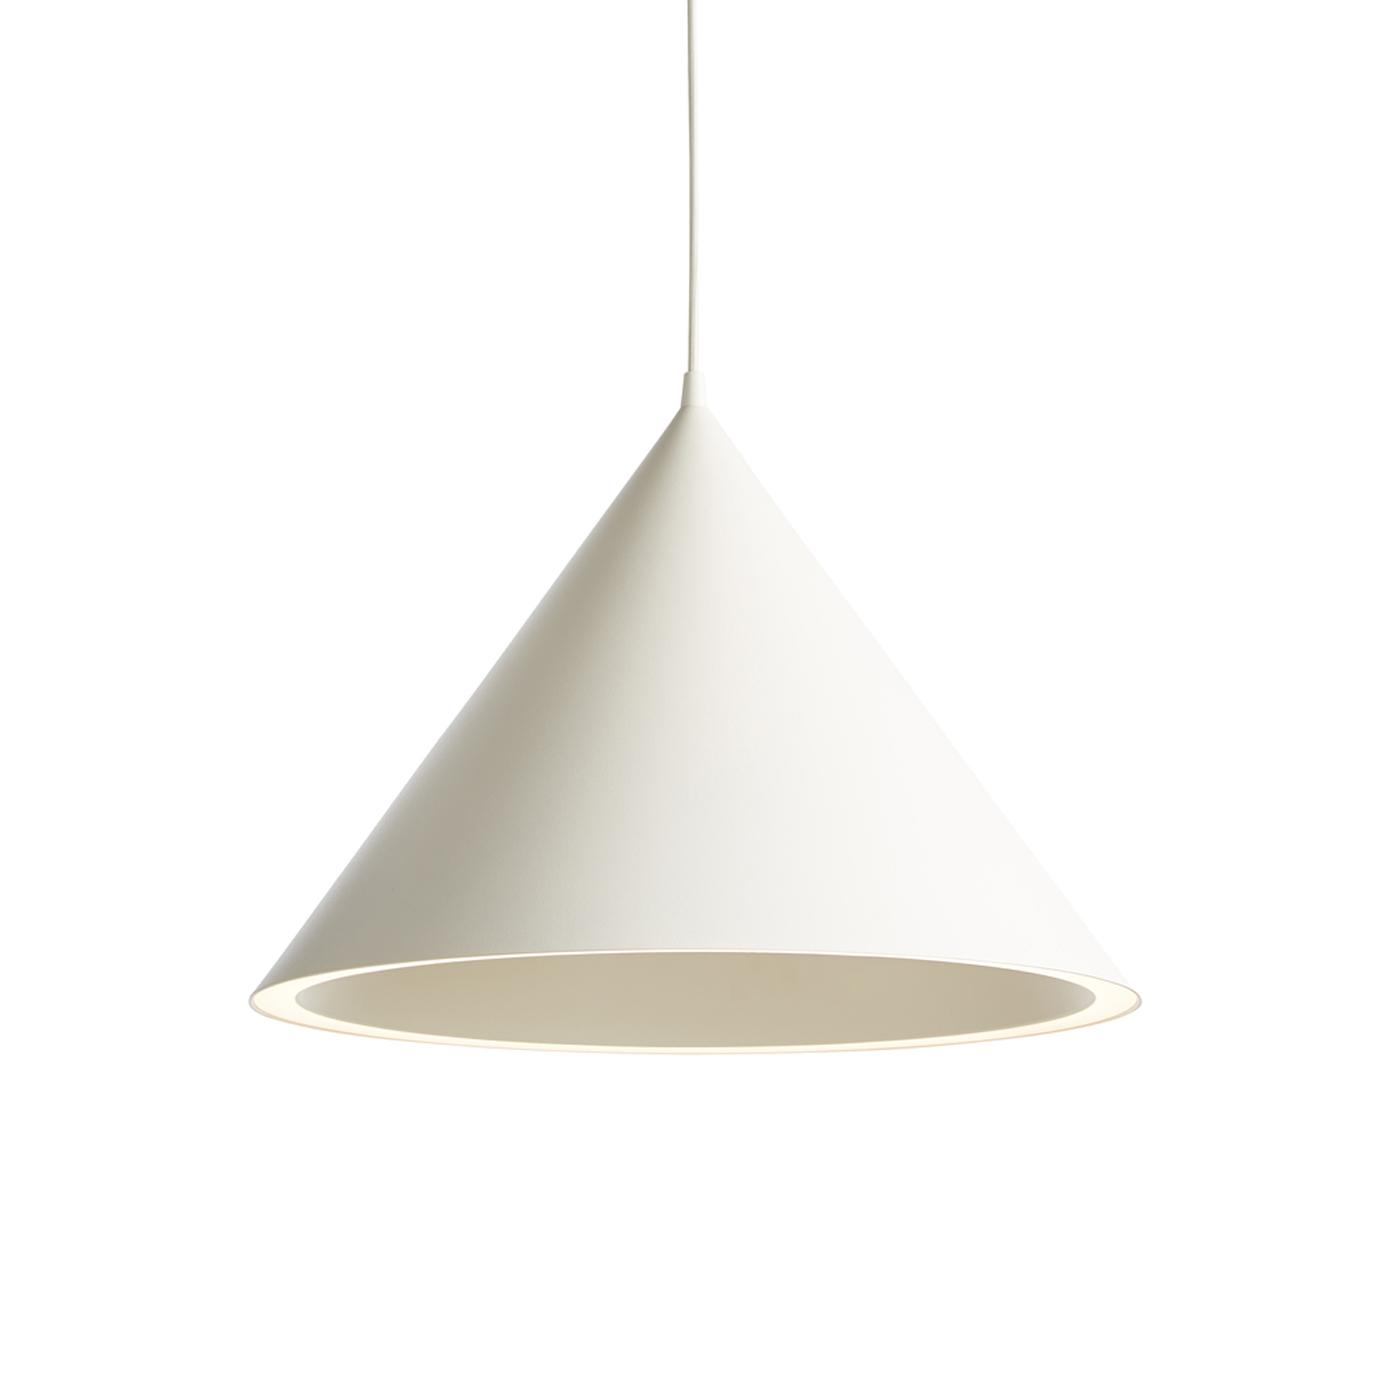 Køb WOUD Annular loftlampe stor – hvid, kegleformet (Ø46,8)